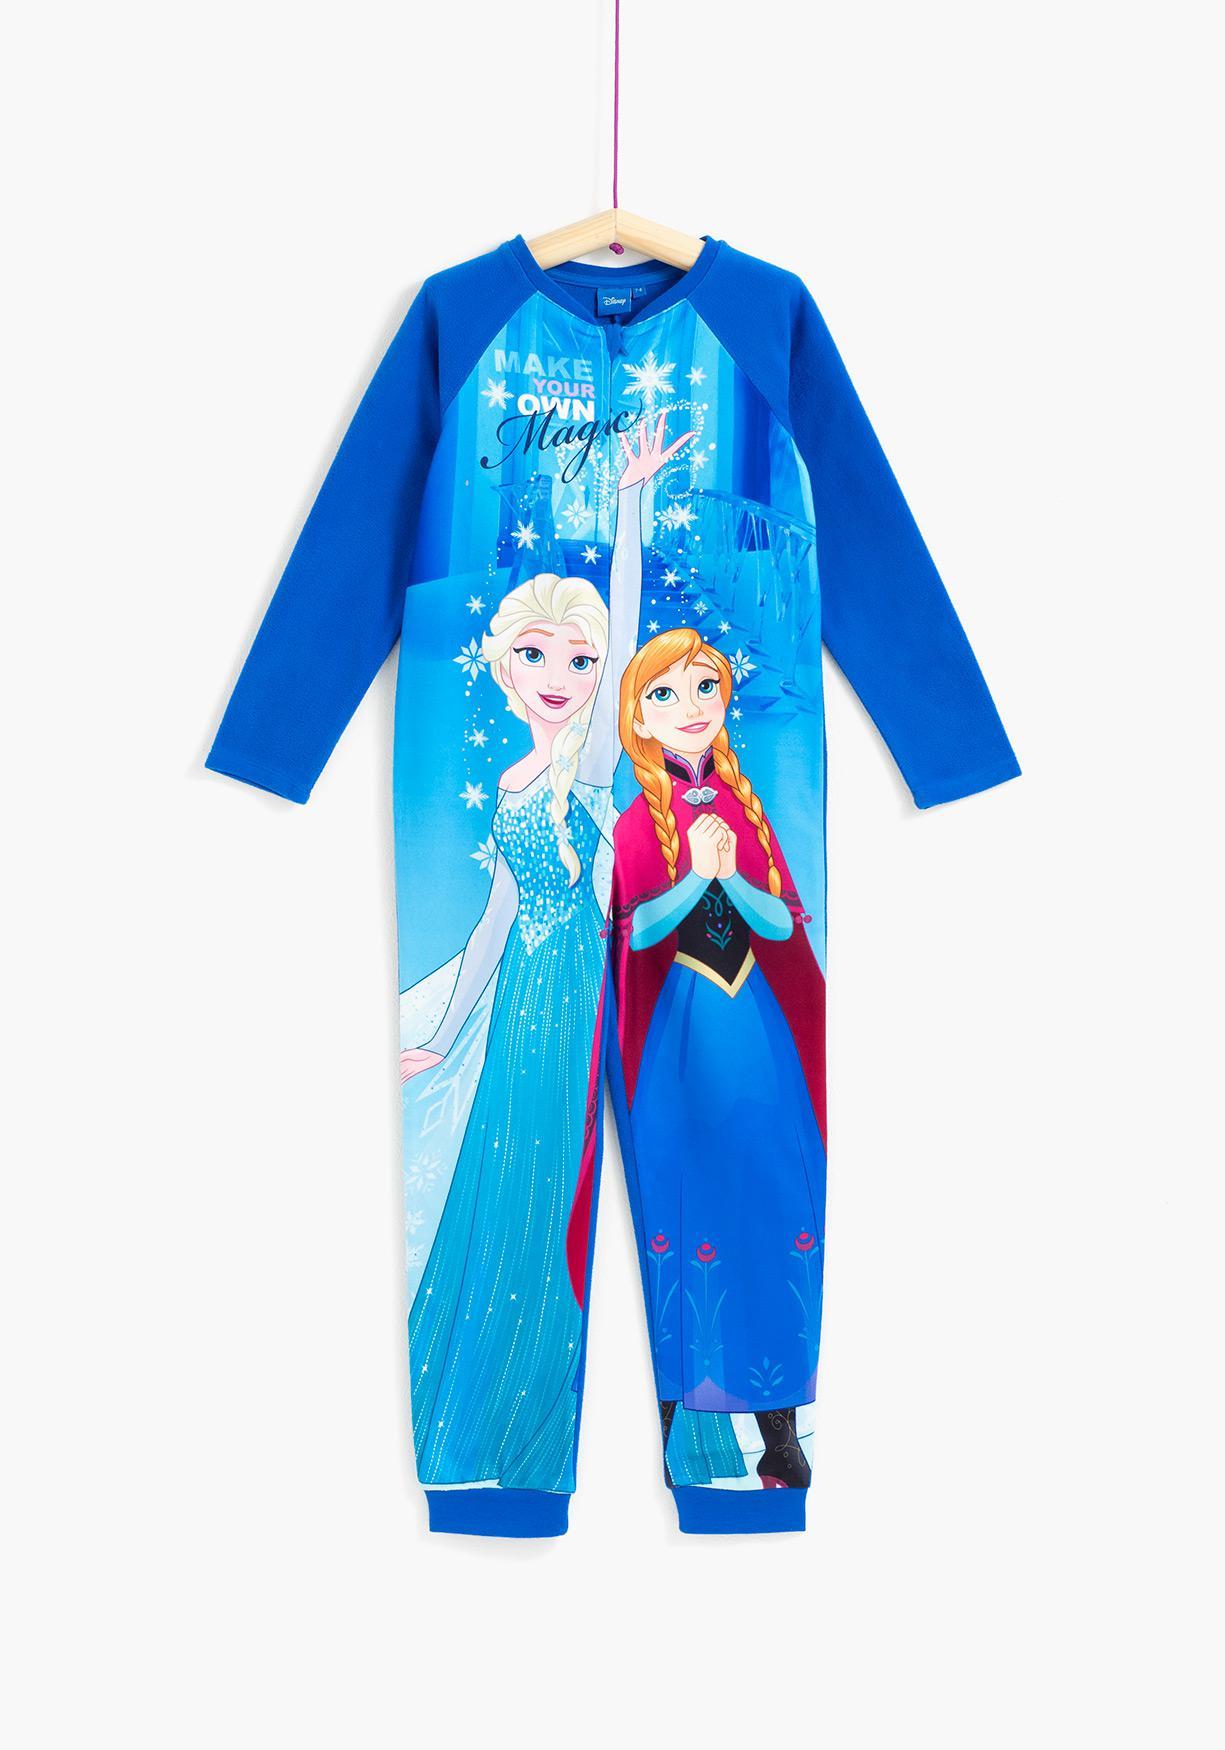 d0ae6622cc Comprar Pijama manta micropolar DISNEY. ¡Aprovéchate de nuestros ...